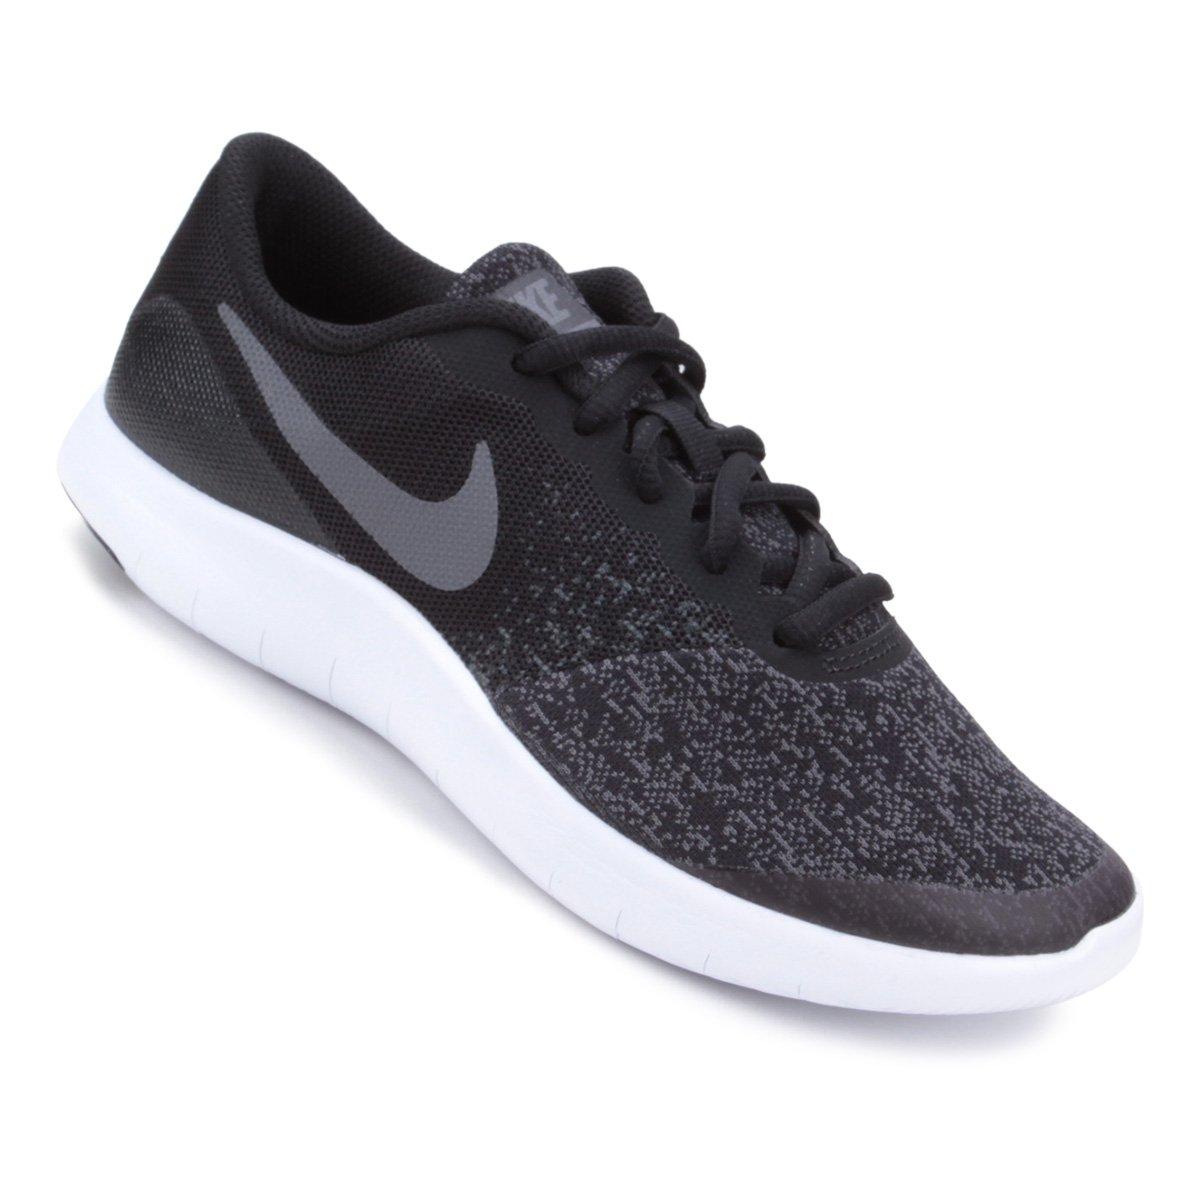 3213d501311 Tênis Infantil Nike Flex Contact Gs Masculino - Cinza e Preto - Compre  Agora